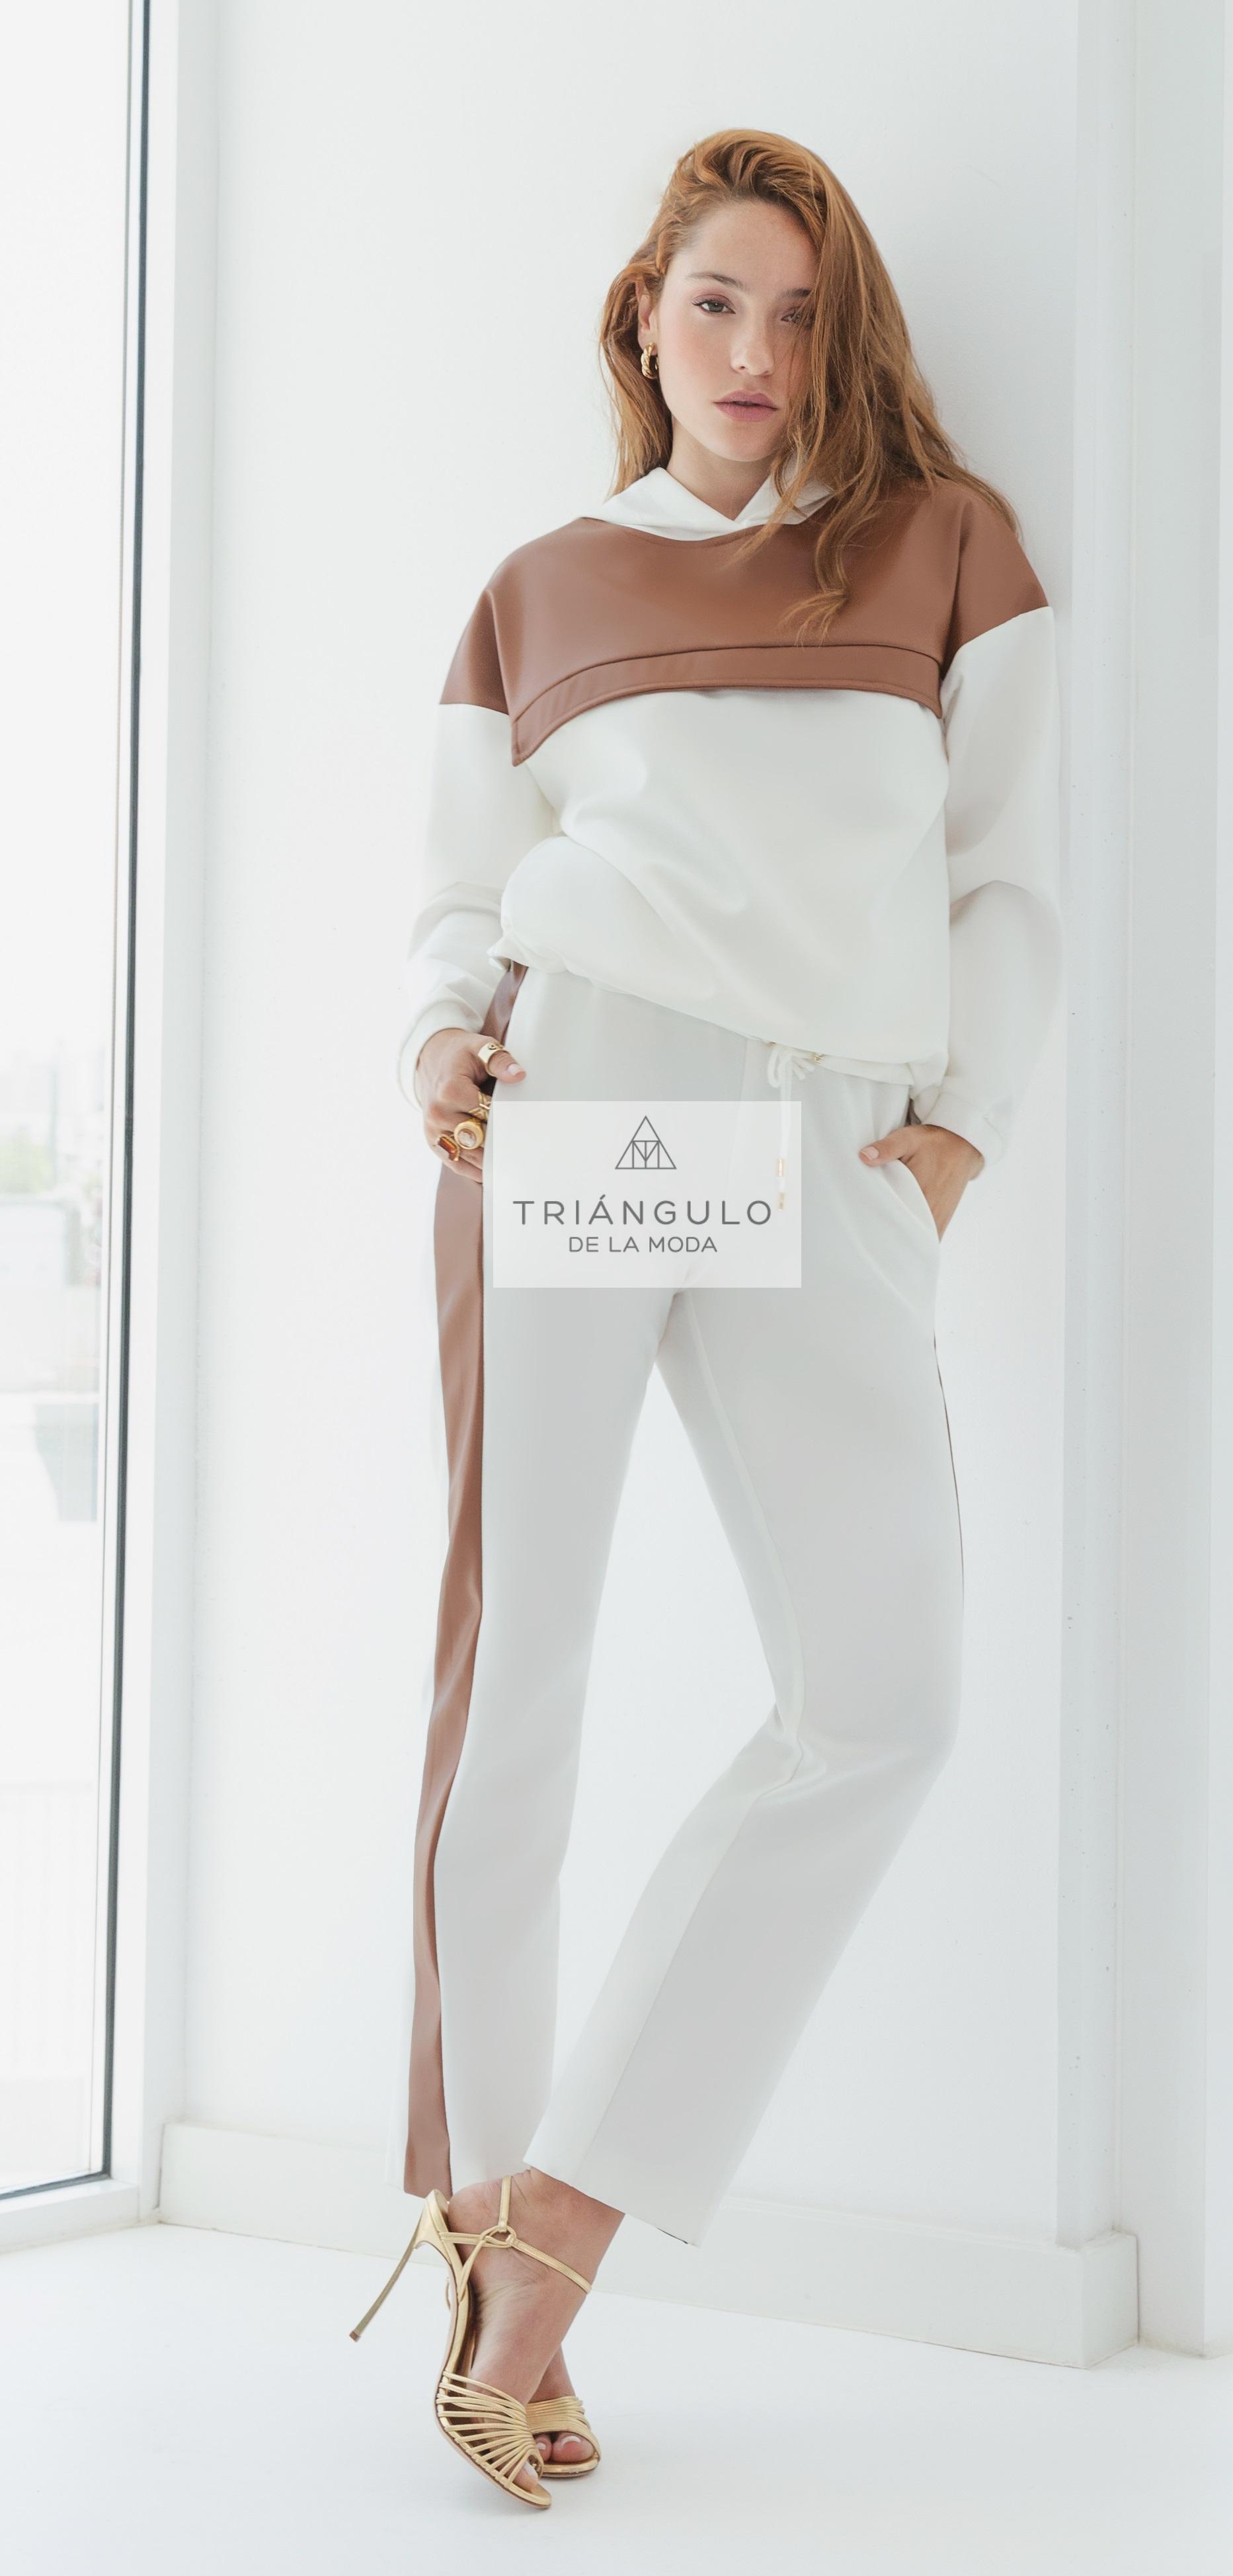 Tienda online del Triangulo de la Moda PANTALÓN